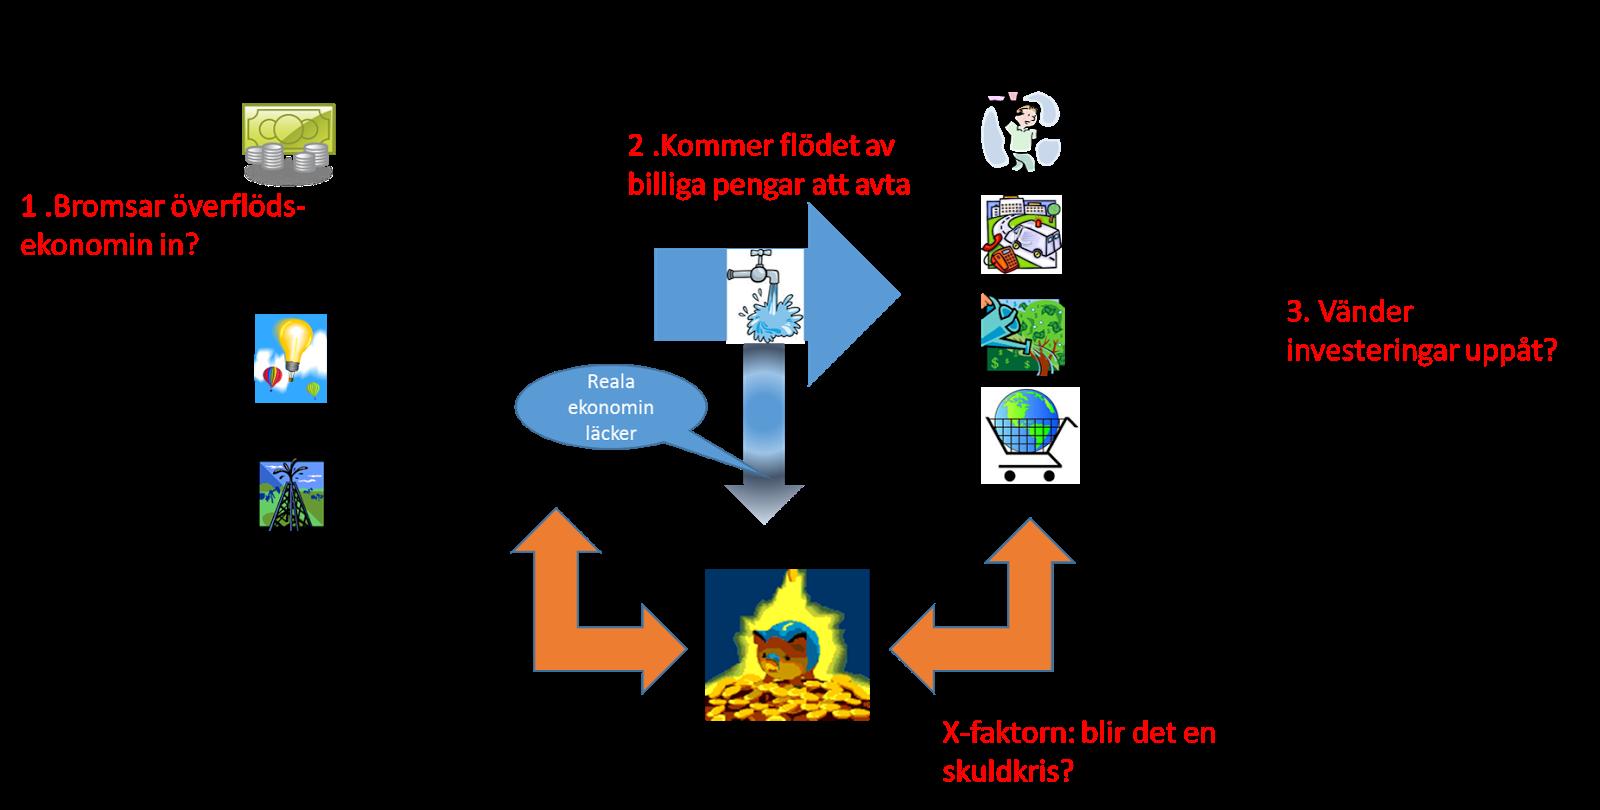 Molekylär ekonomi  Insikten att börsens kompass inte fungerar 8de2800d76c71